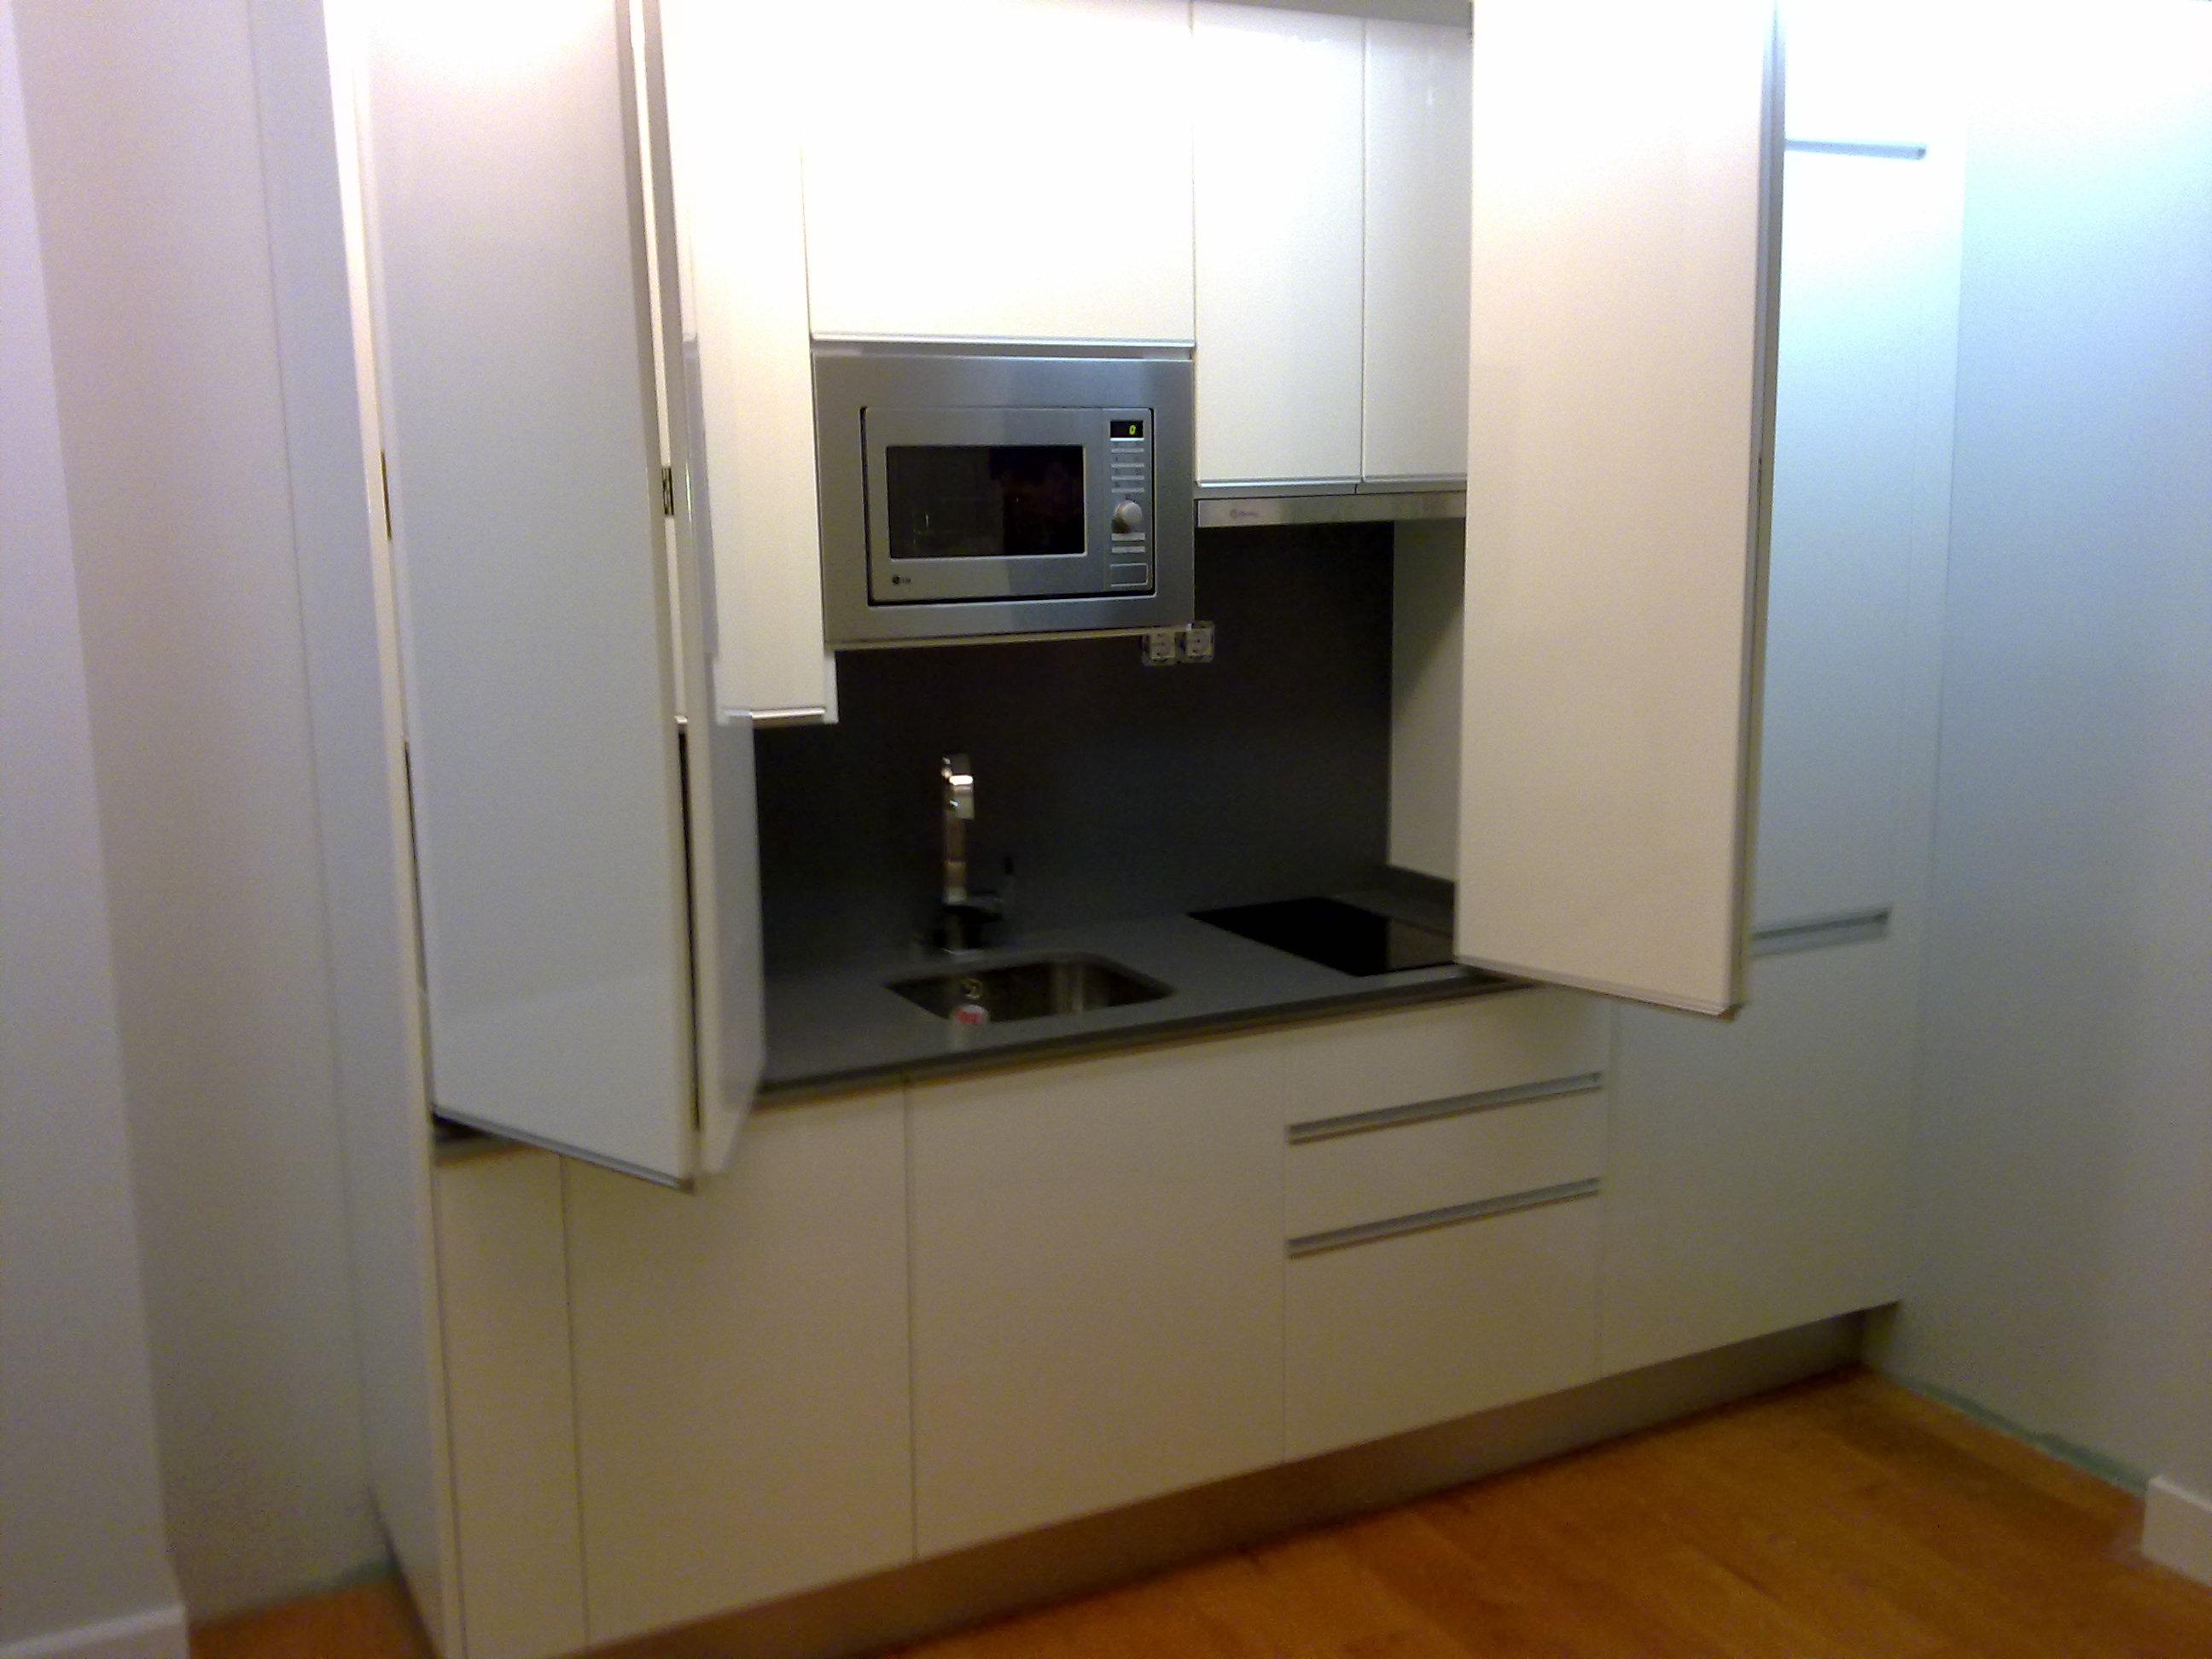 Cocina oculta jv2 - Cocinas ocultas ...